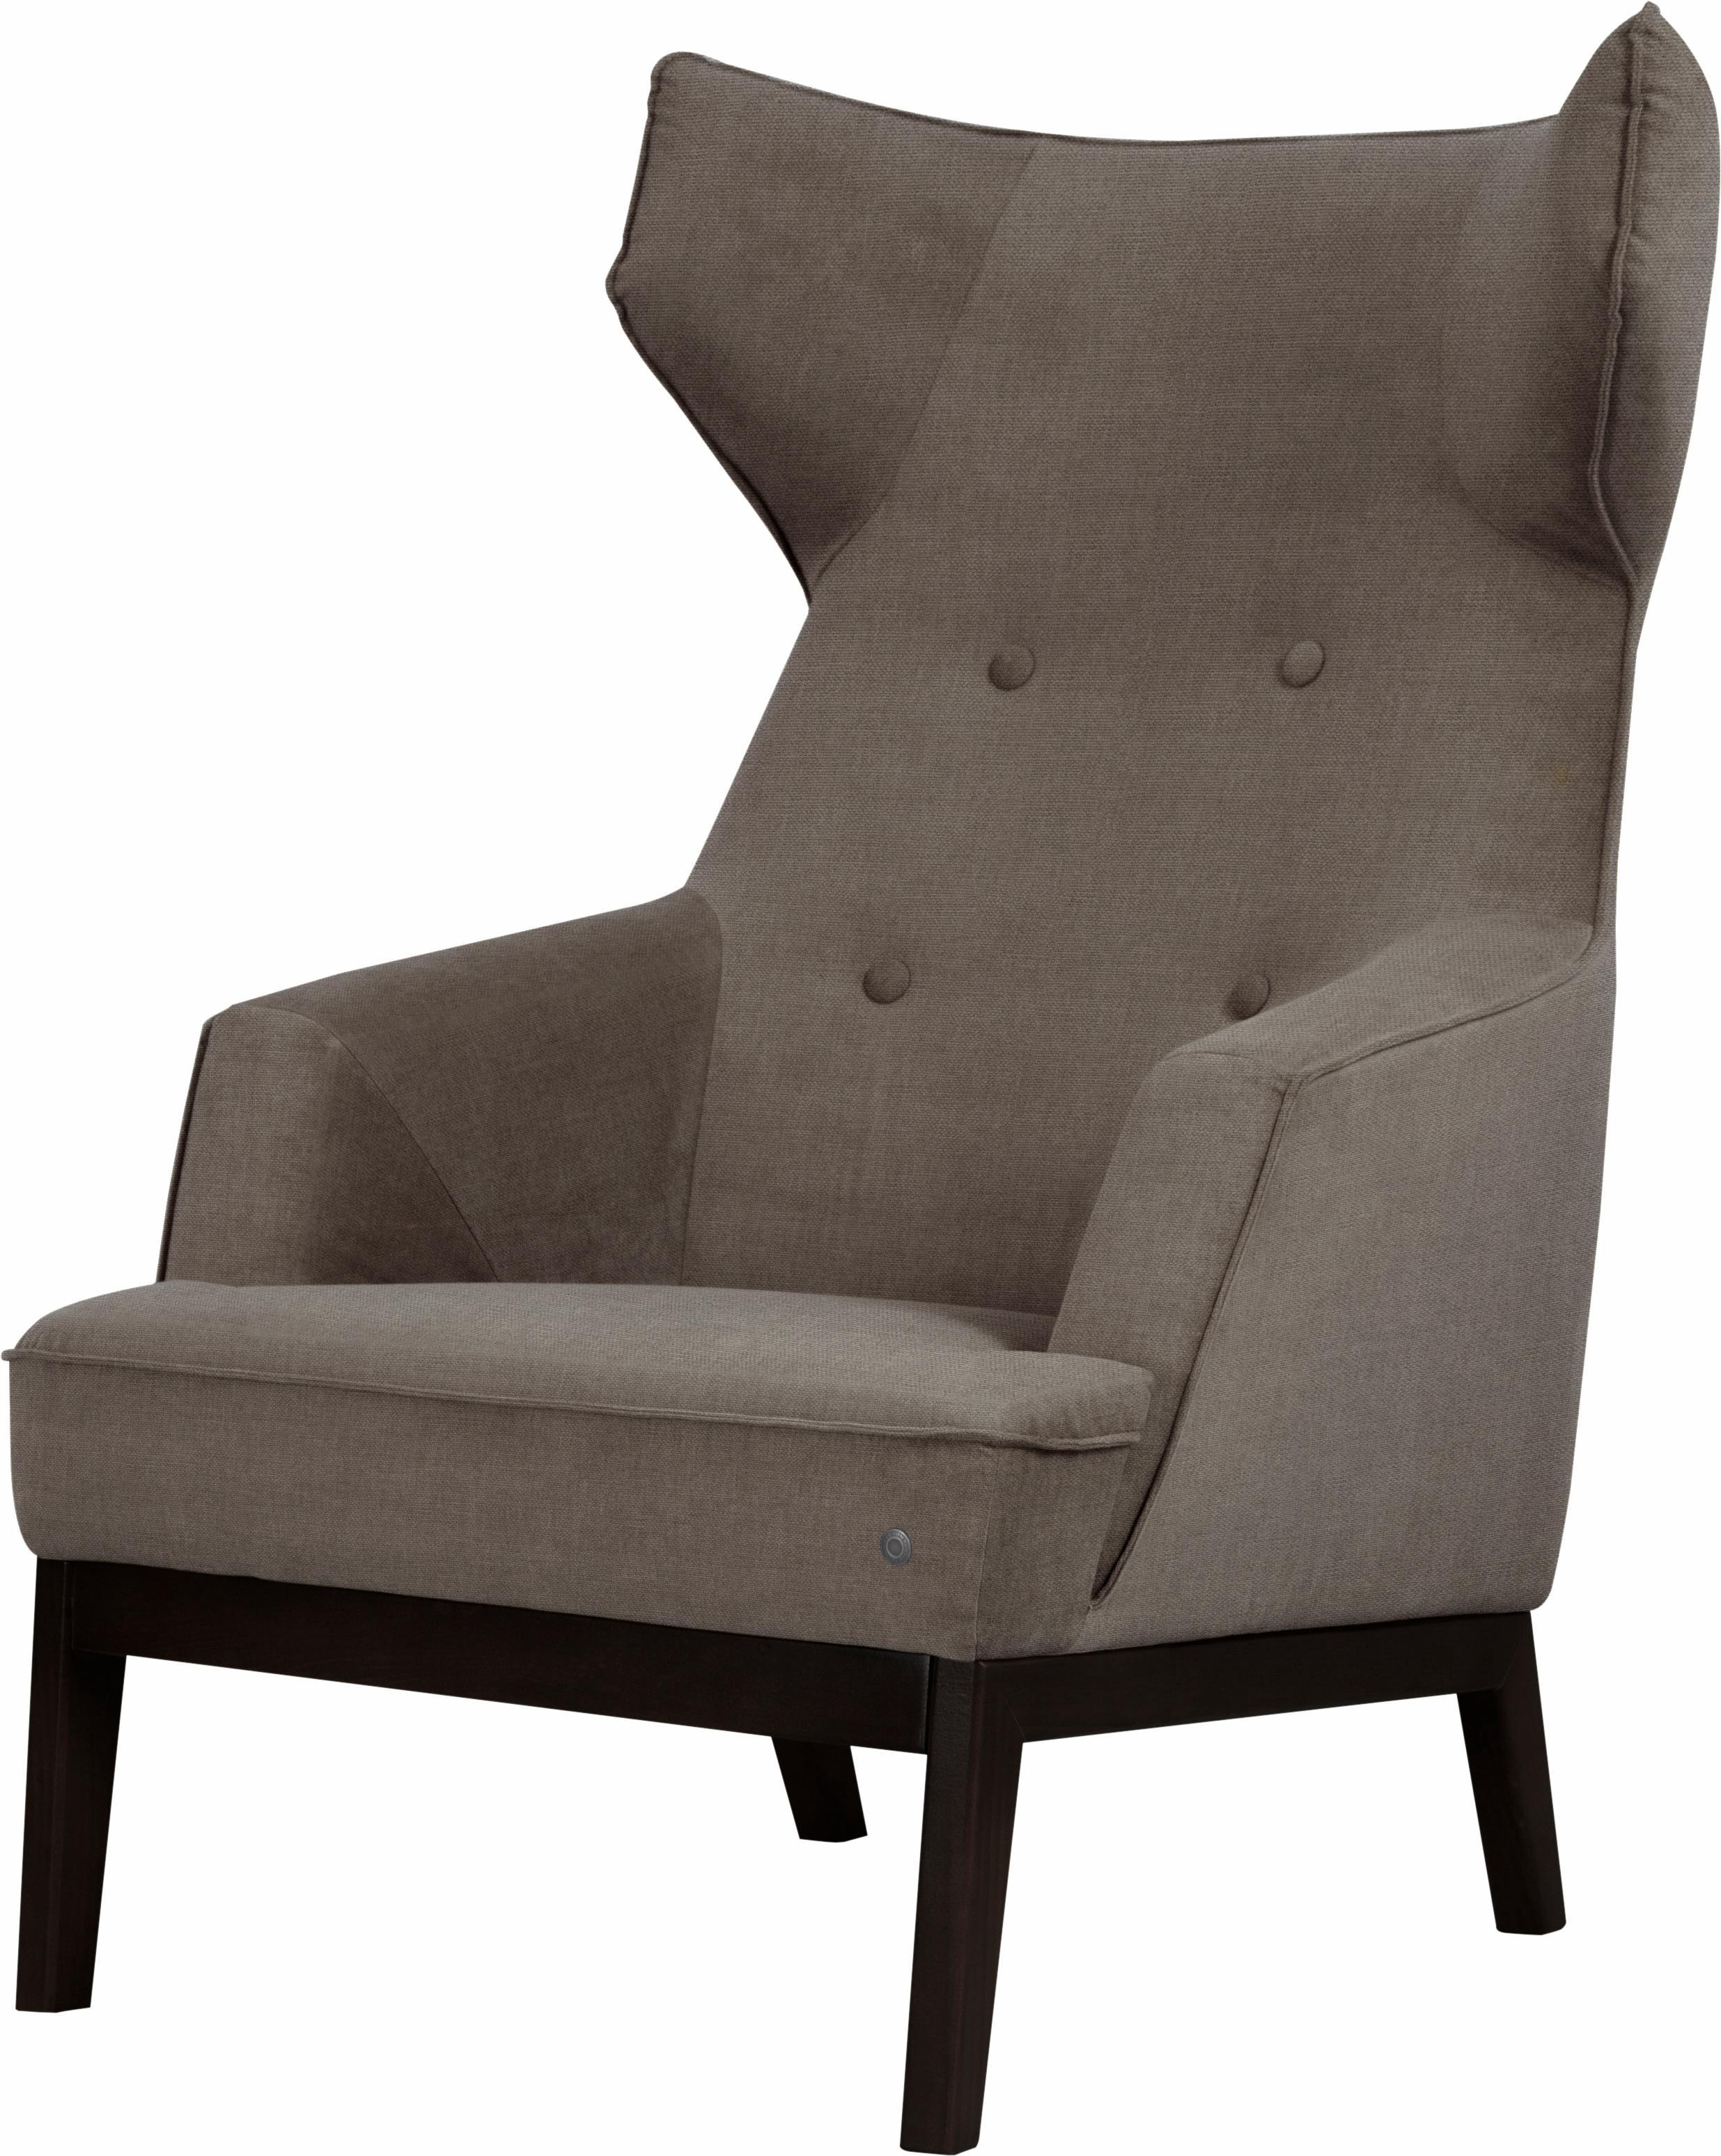 tom tailor ohrensessel cozy moebel suchmaschine. Black Bedroom Furniture Sets. Home Design Ideas